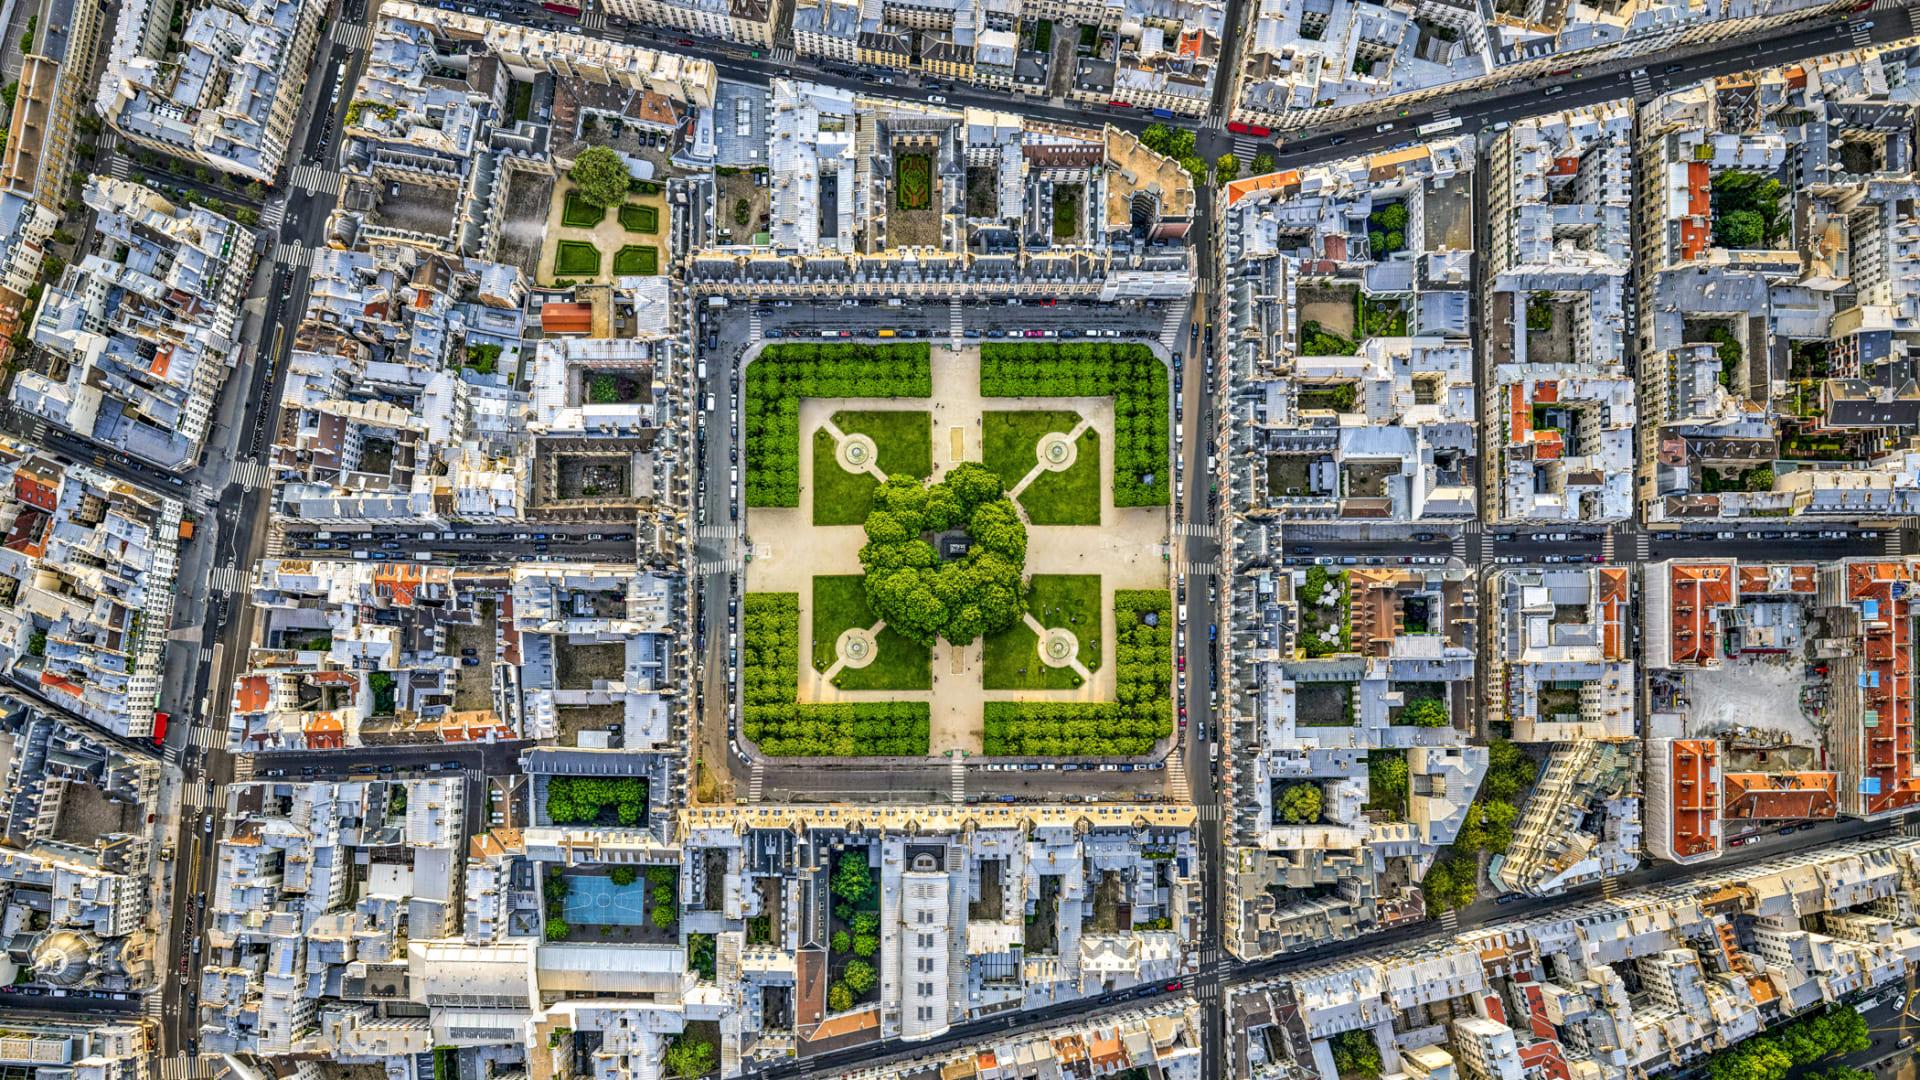 زاوية نادرة.. طلب هذا المصور إذناً من مدينة باريس لالتقاط هذه الصور وهو متدلي من طائرة هليكوبتر